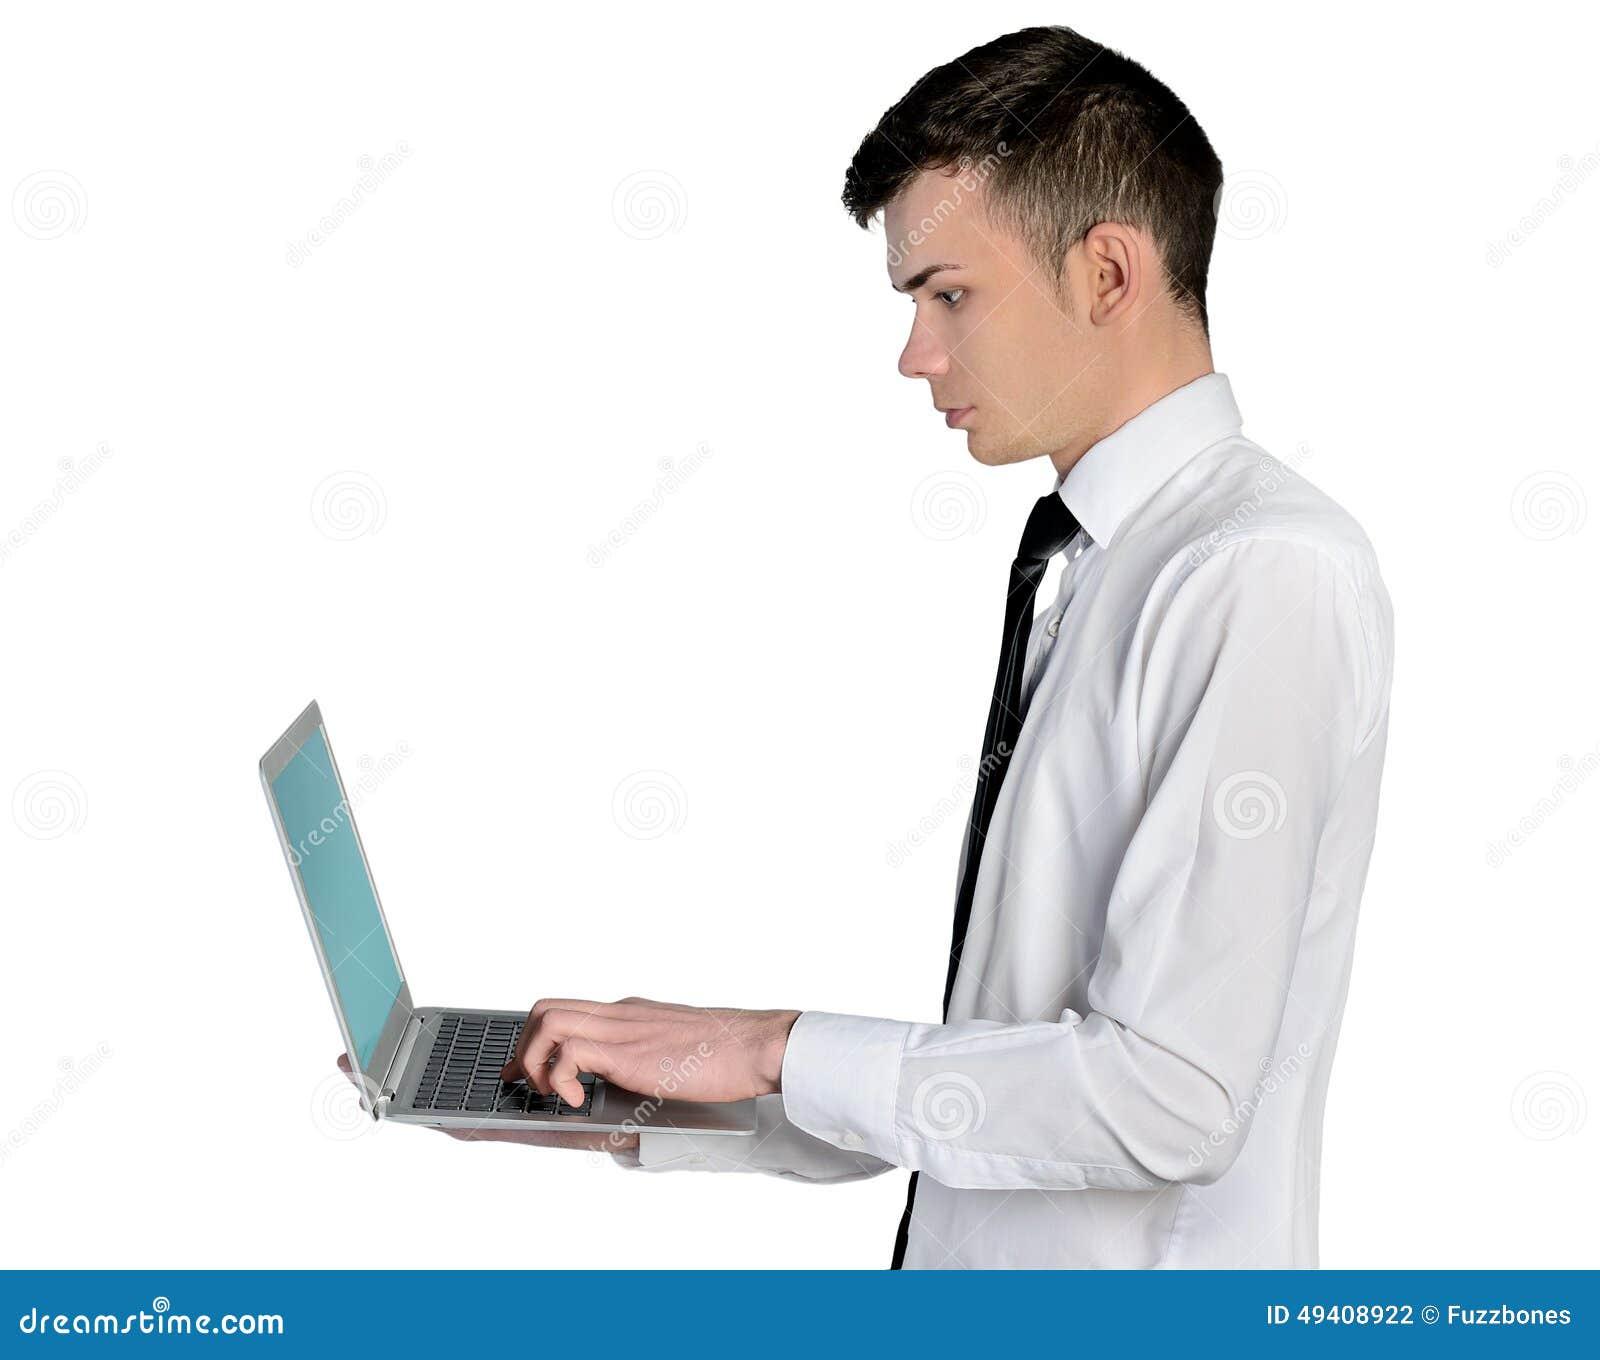 Download Geschäftsmann mit Laptop stockfoto. Bild von getrennt - 49408922